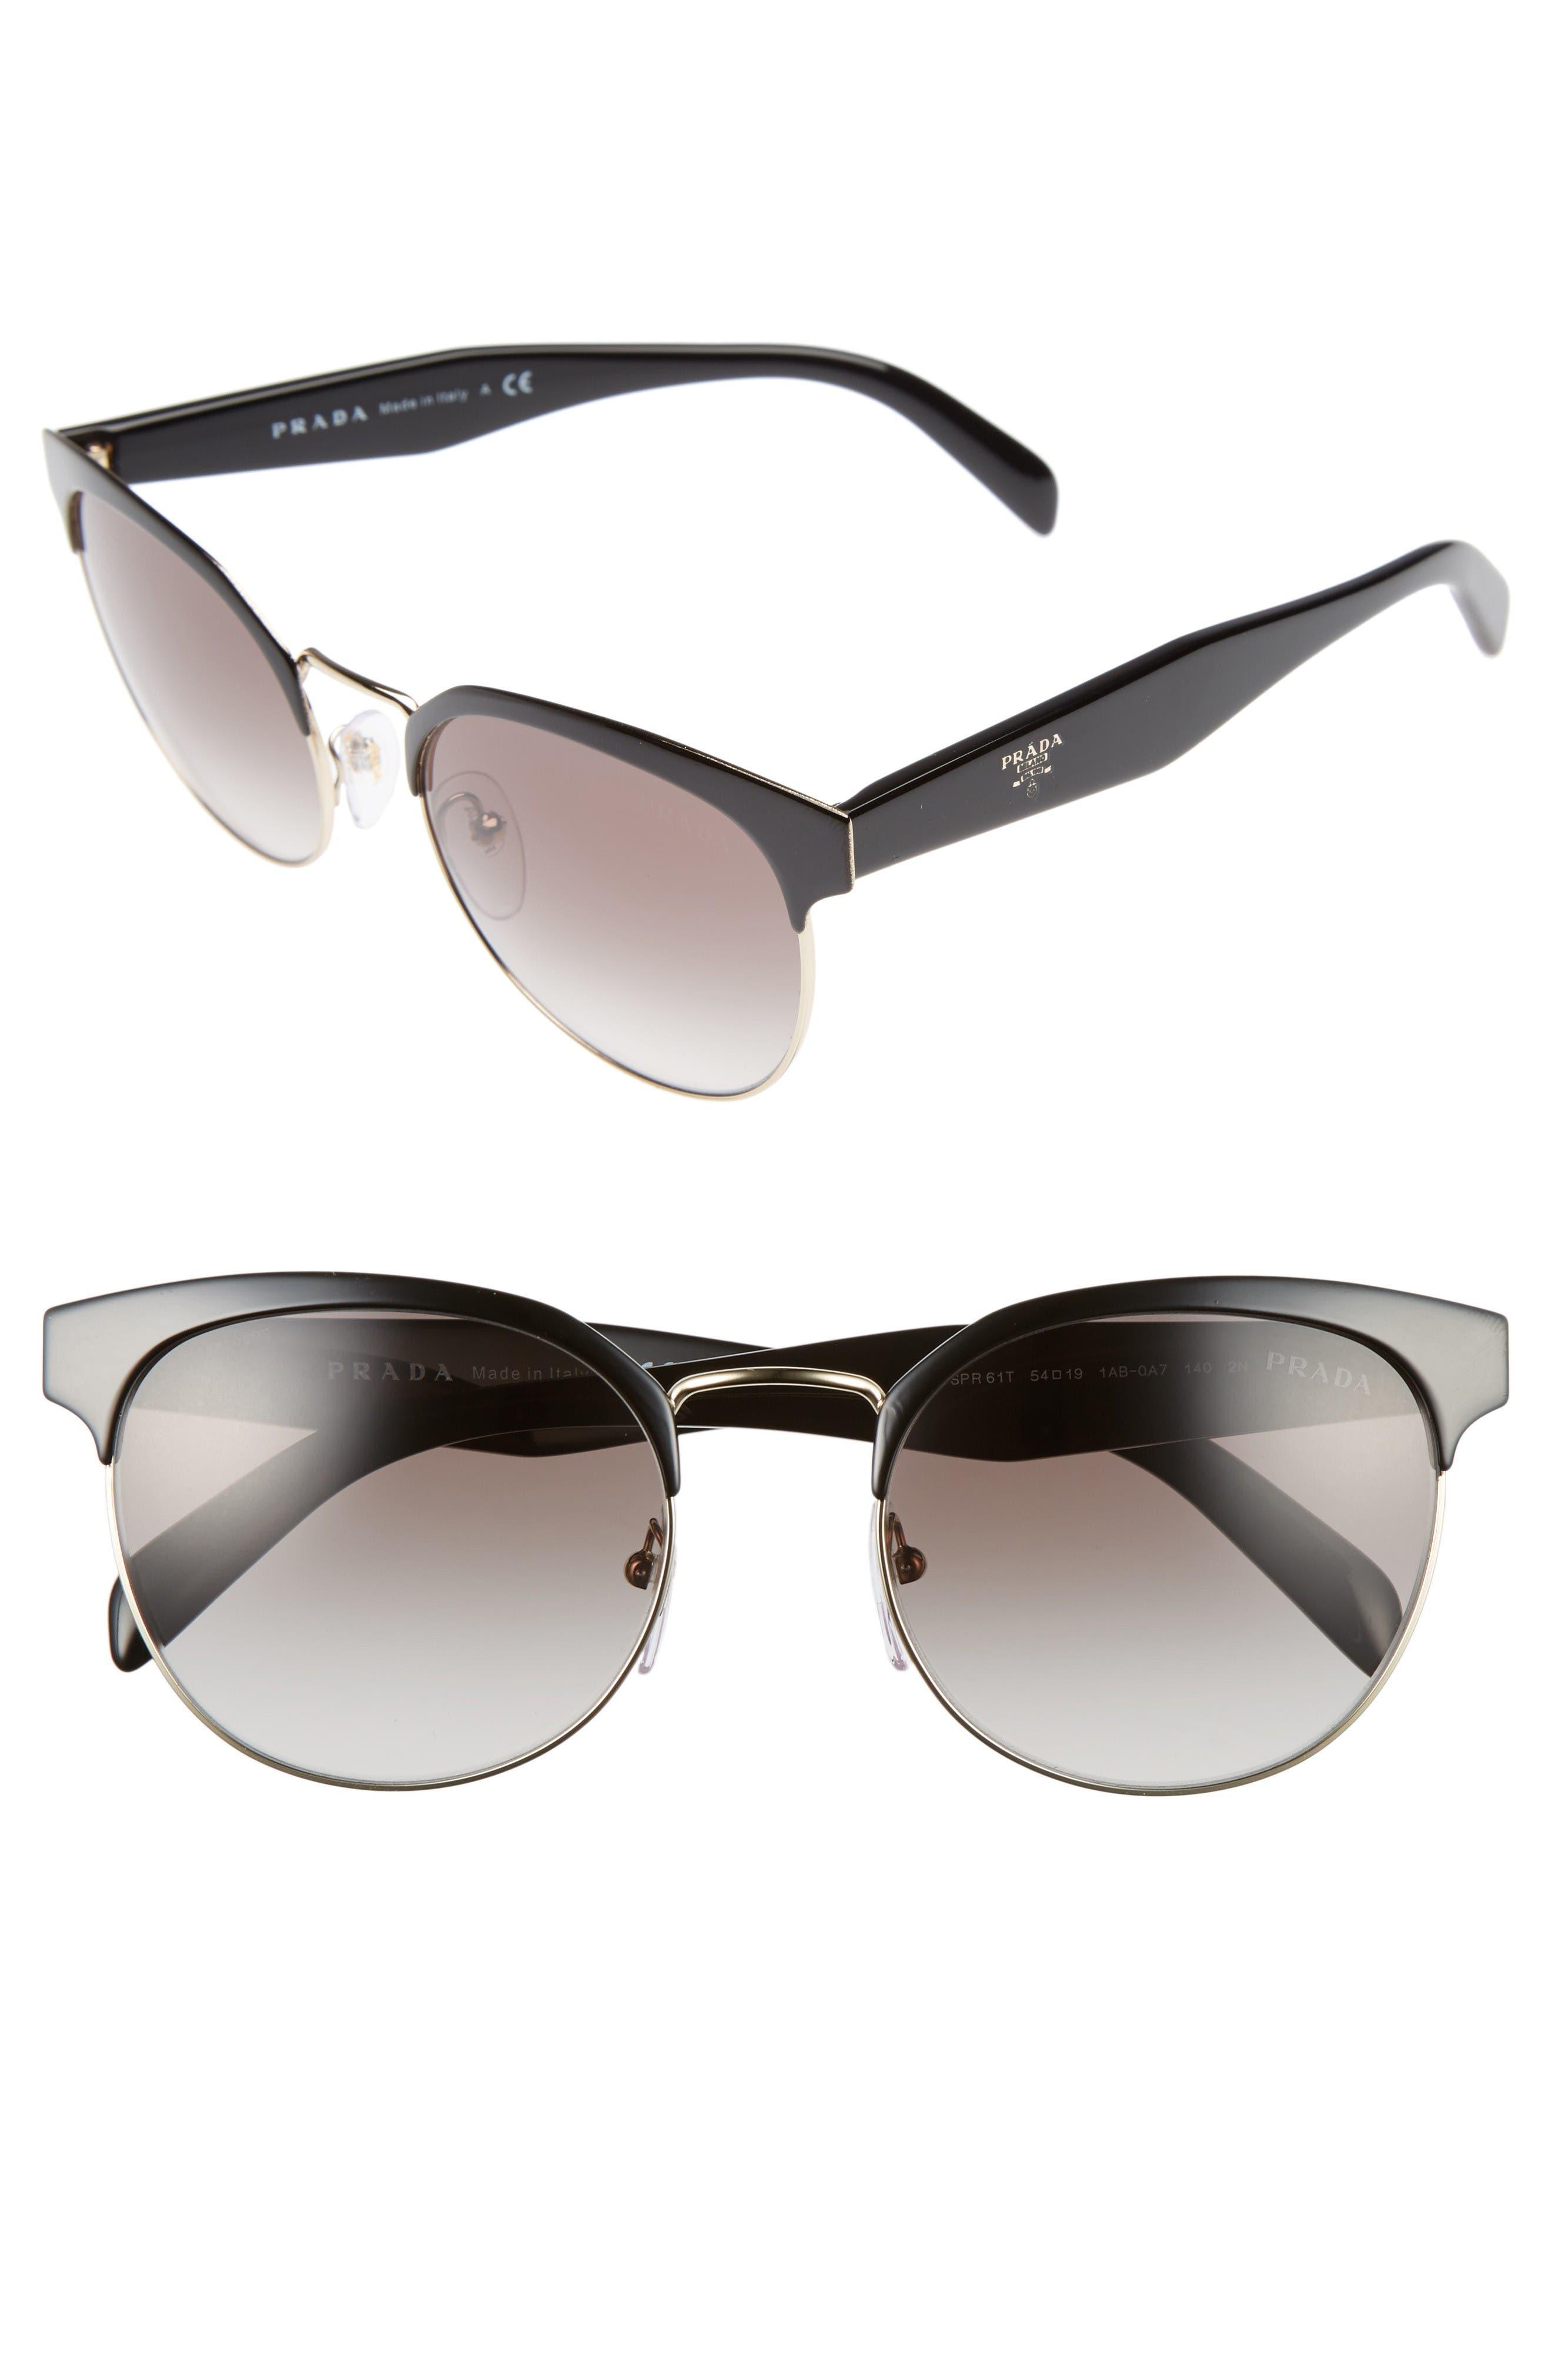 Prada 54mm Gradient Round Sunglasses